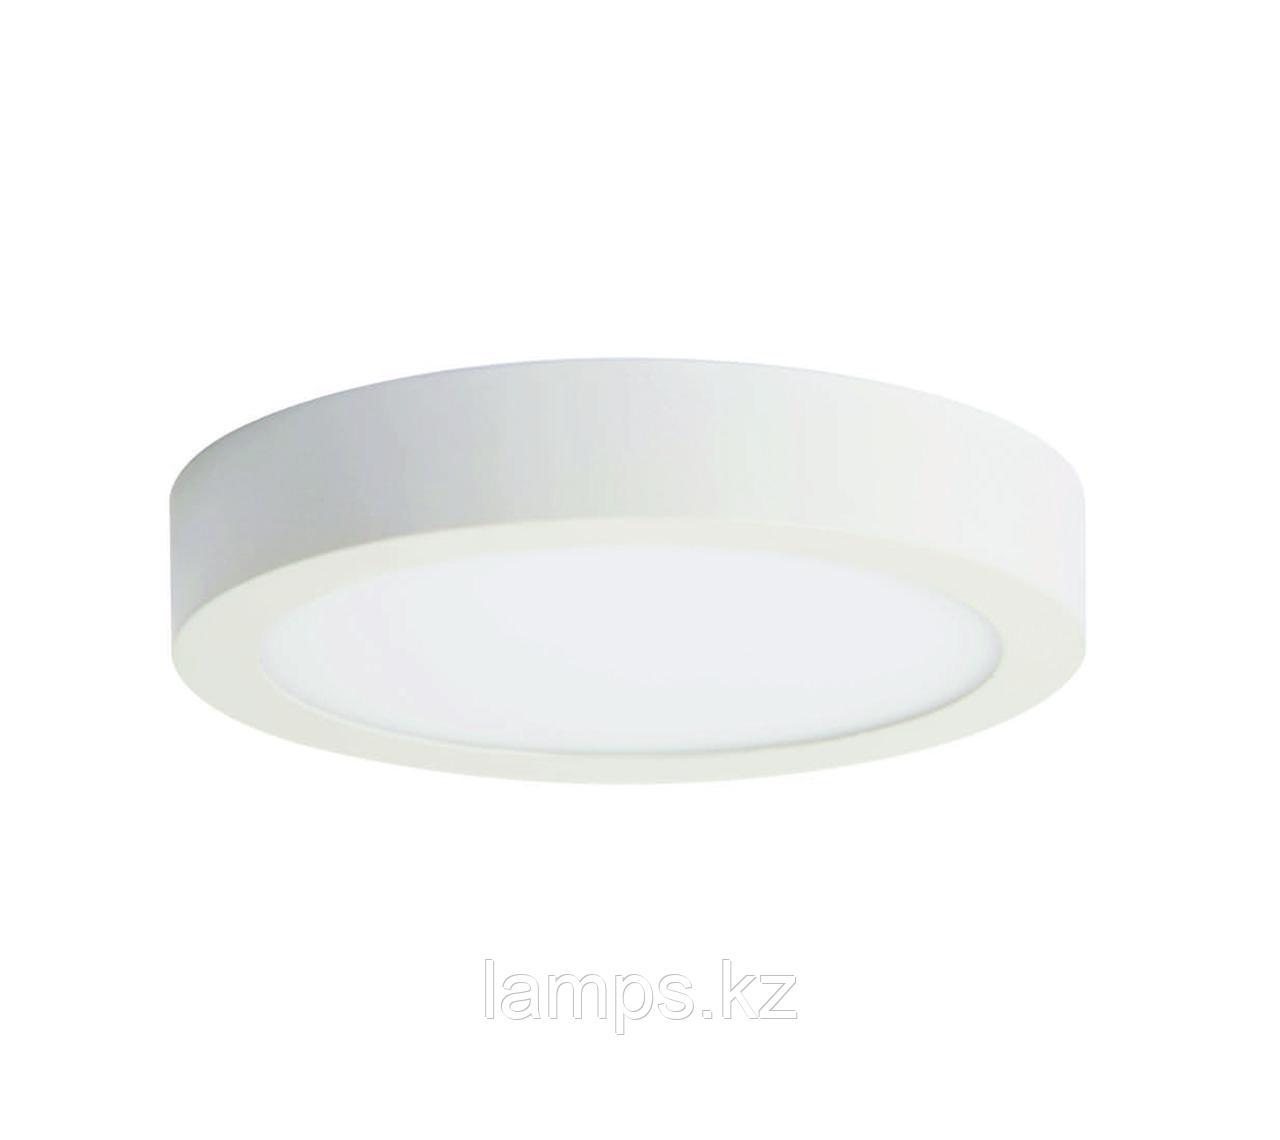 Панель светодиодная накладная LINDA-R/24W/SMD/3000K/Φ290MM/CBOX